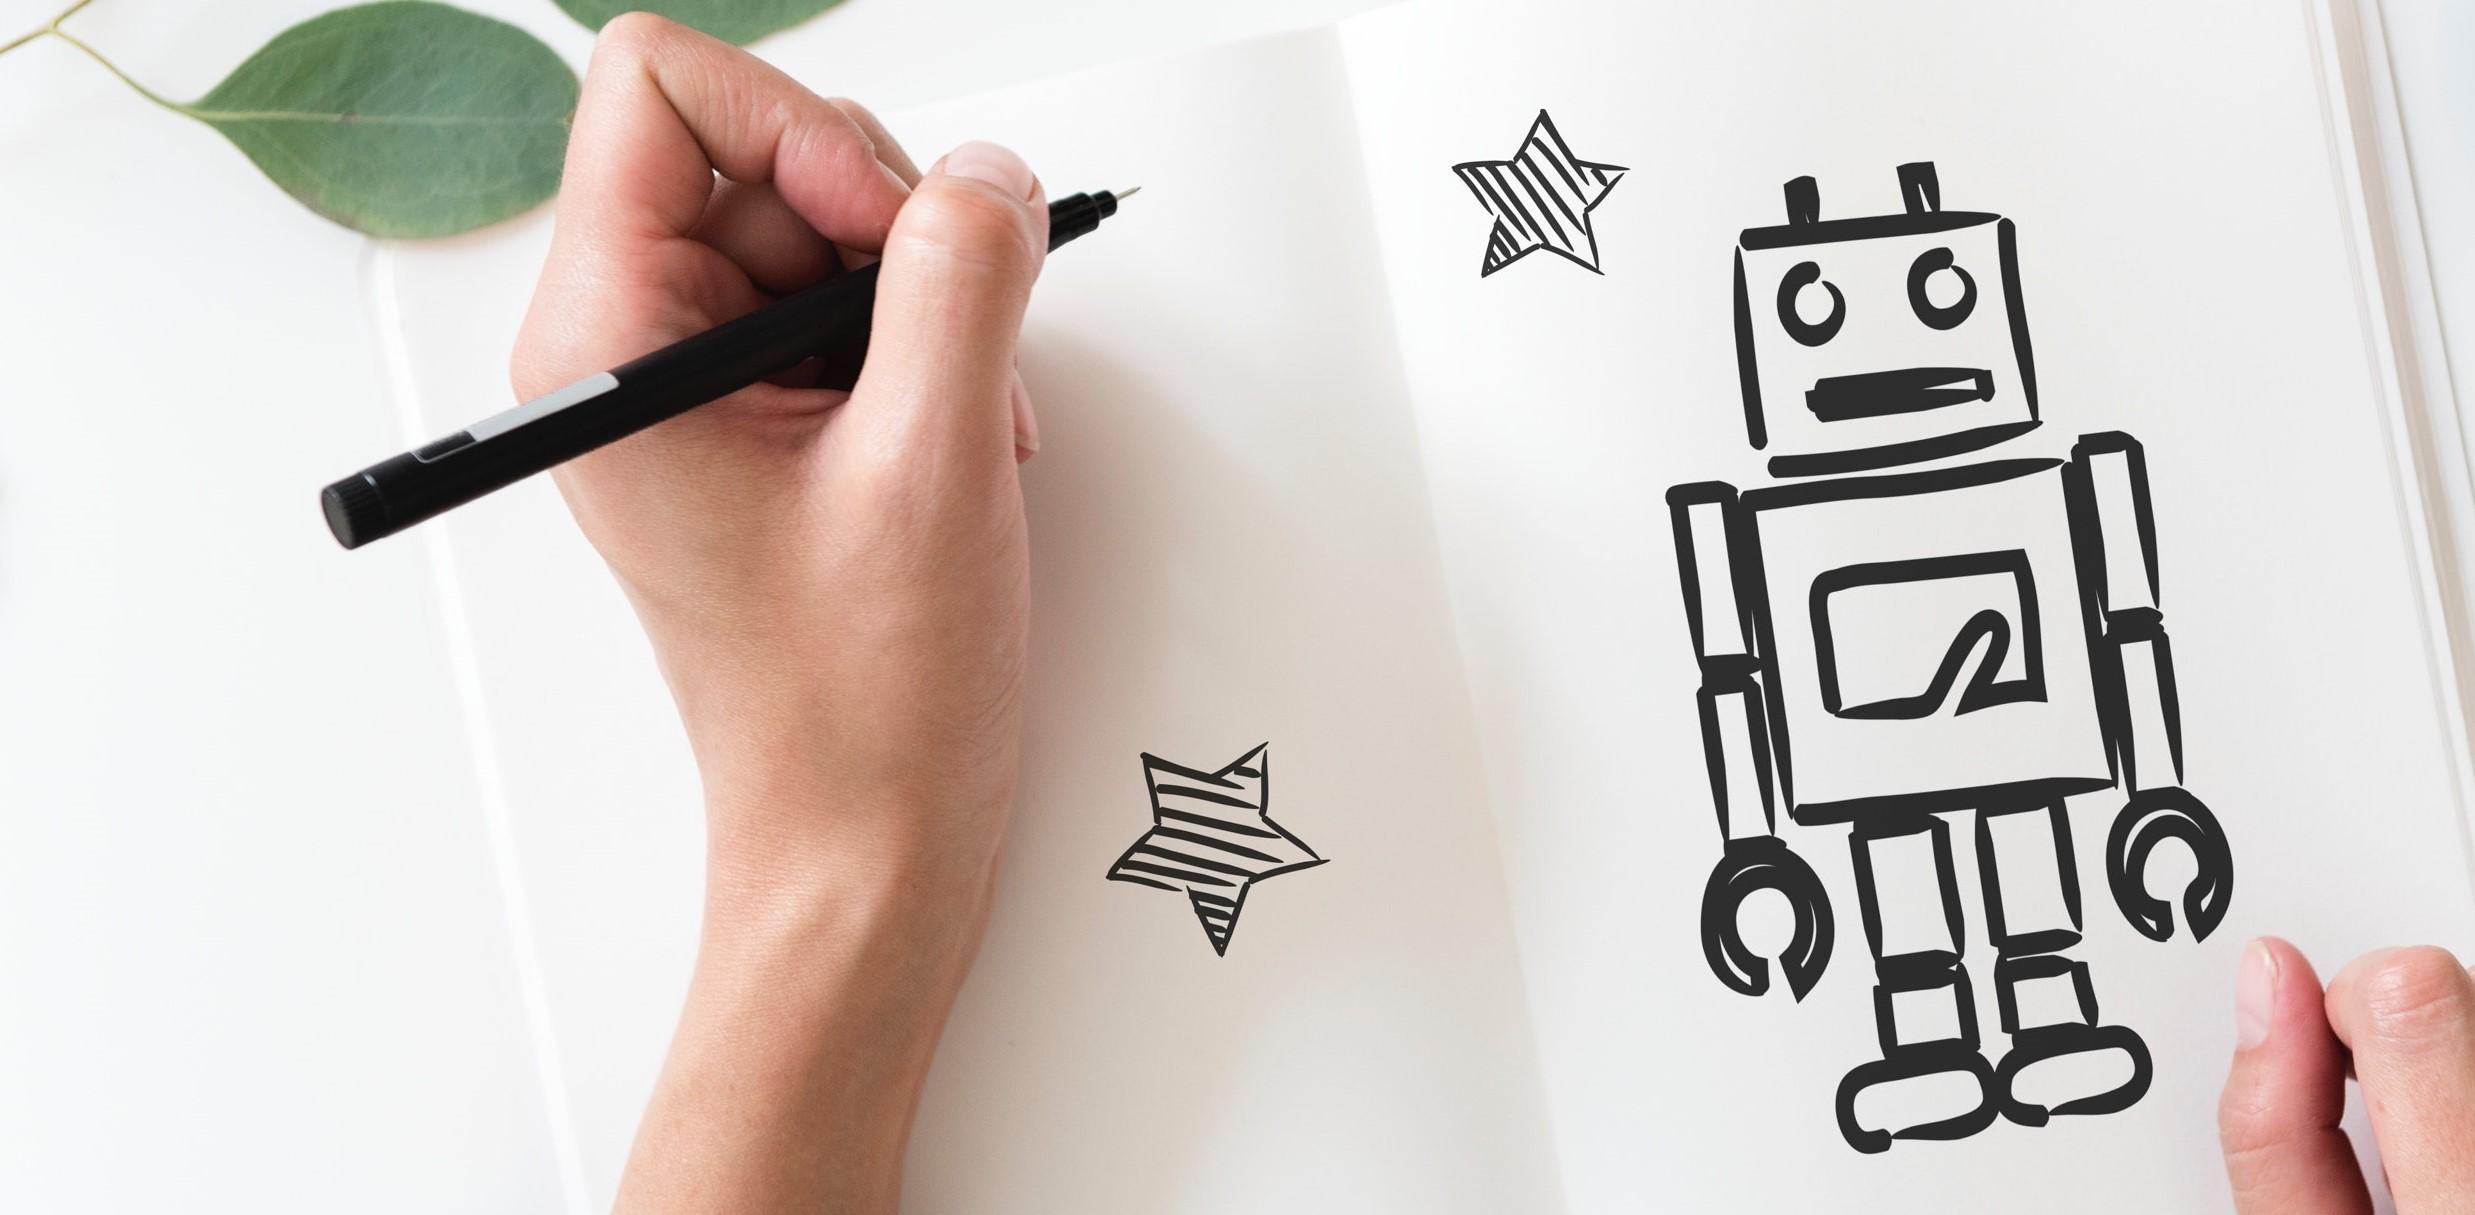 Bot Drawing